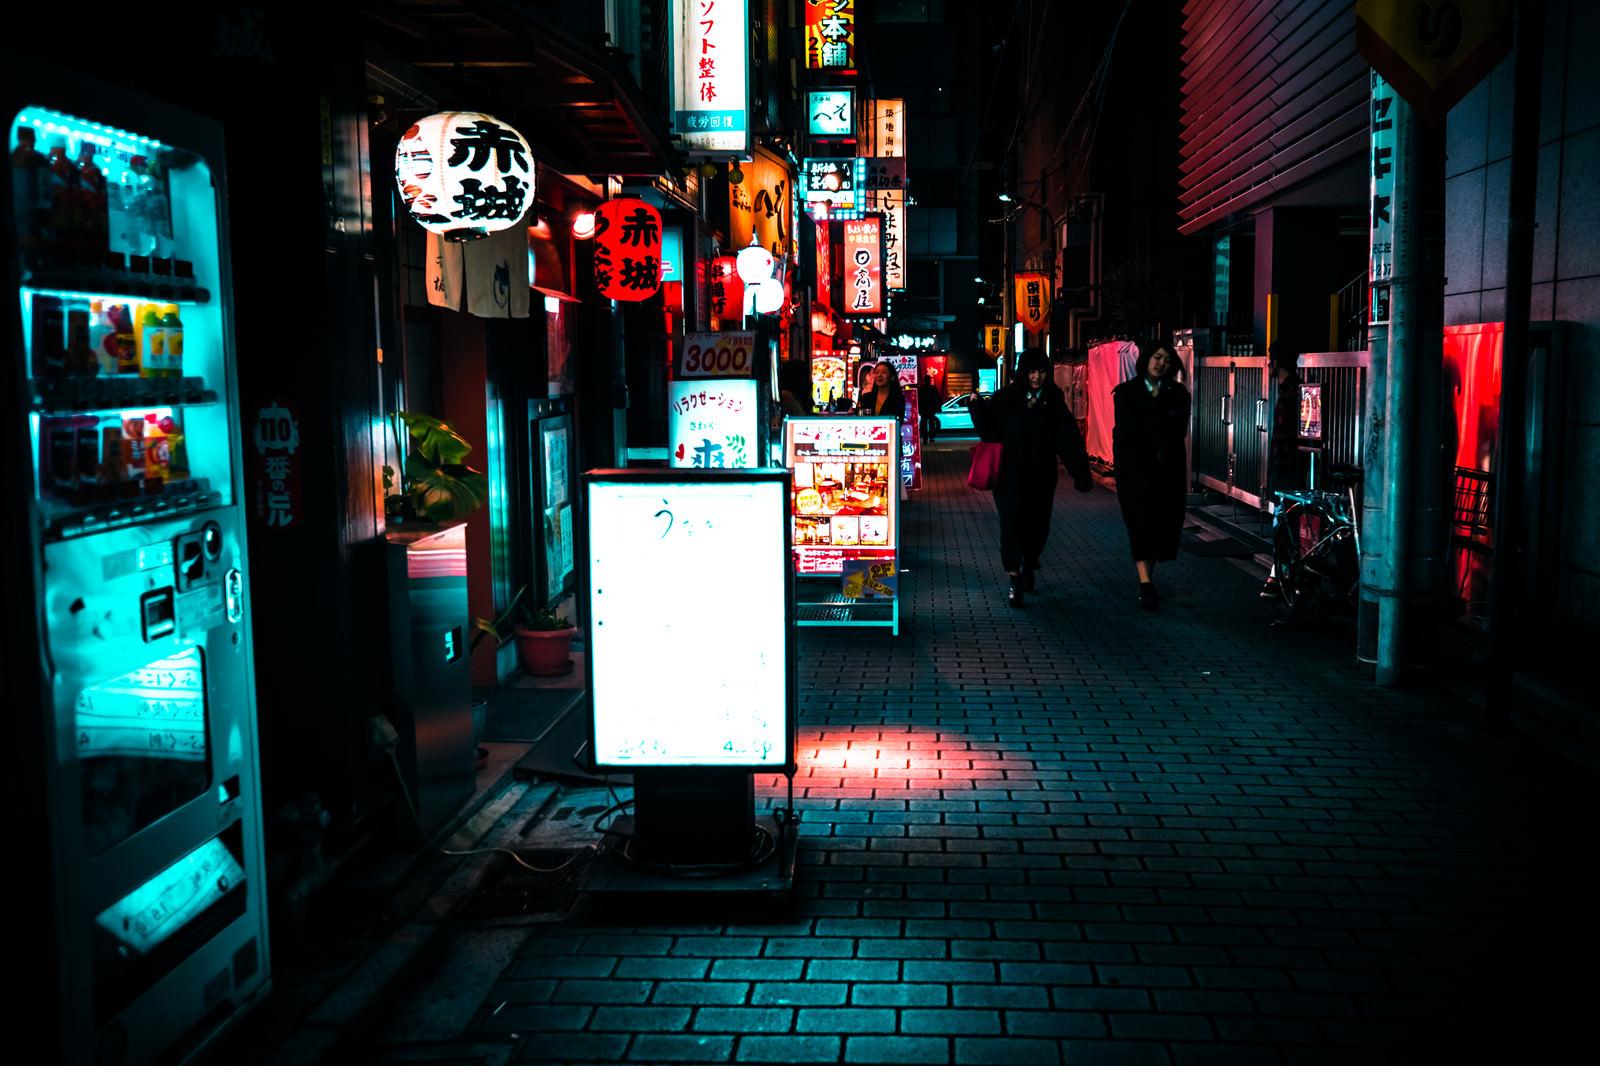 飲み屋の看板と提灯が並ぶ裏路地のフリー素材